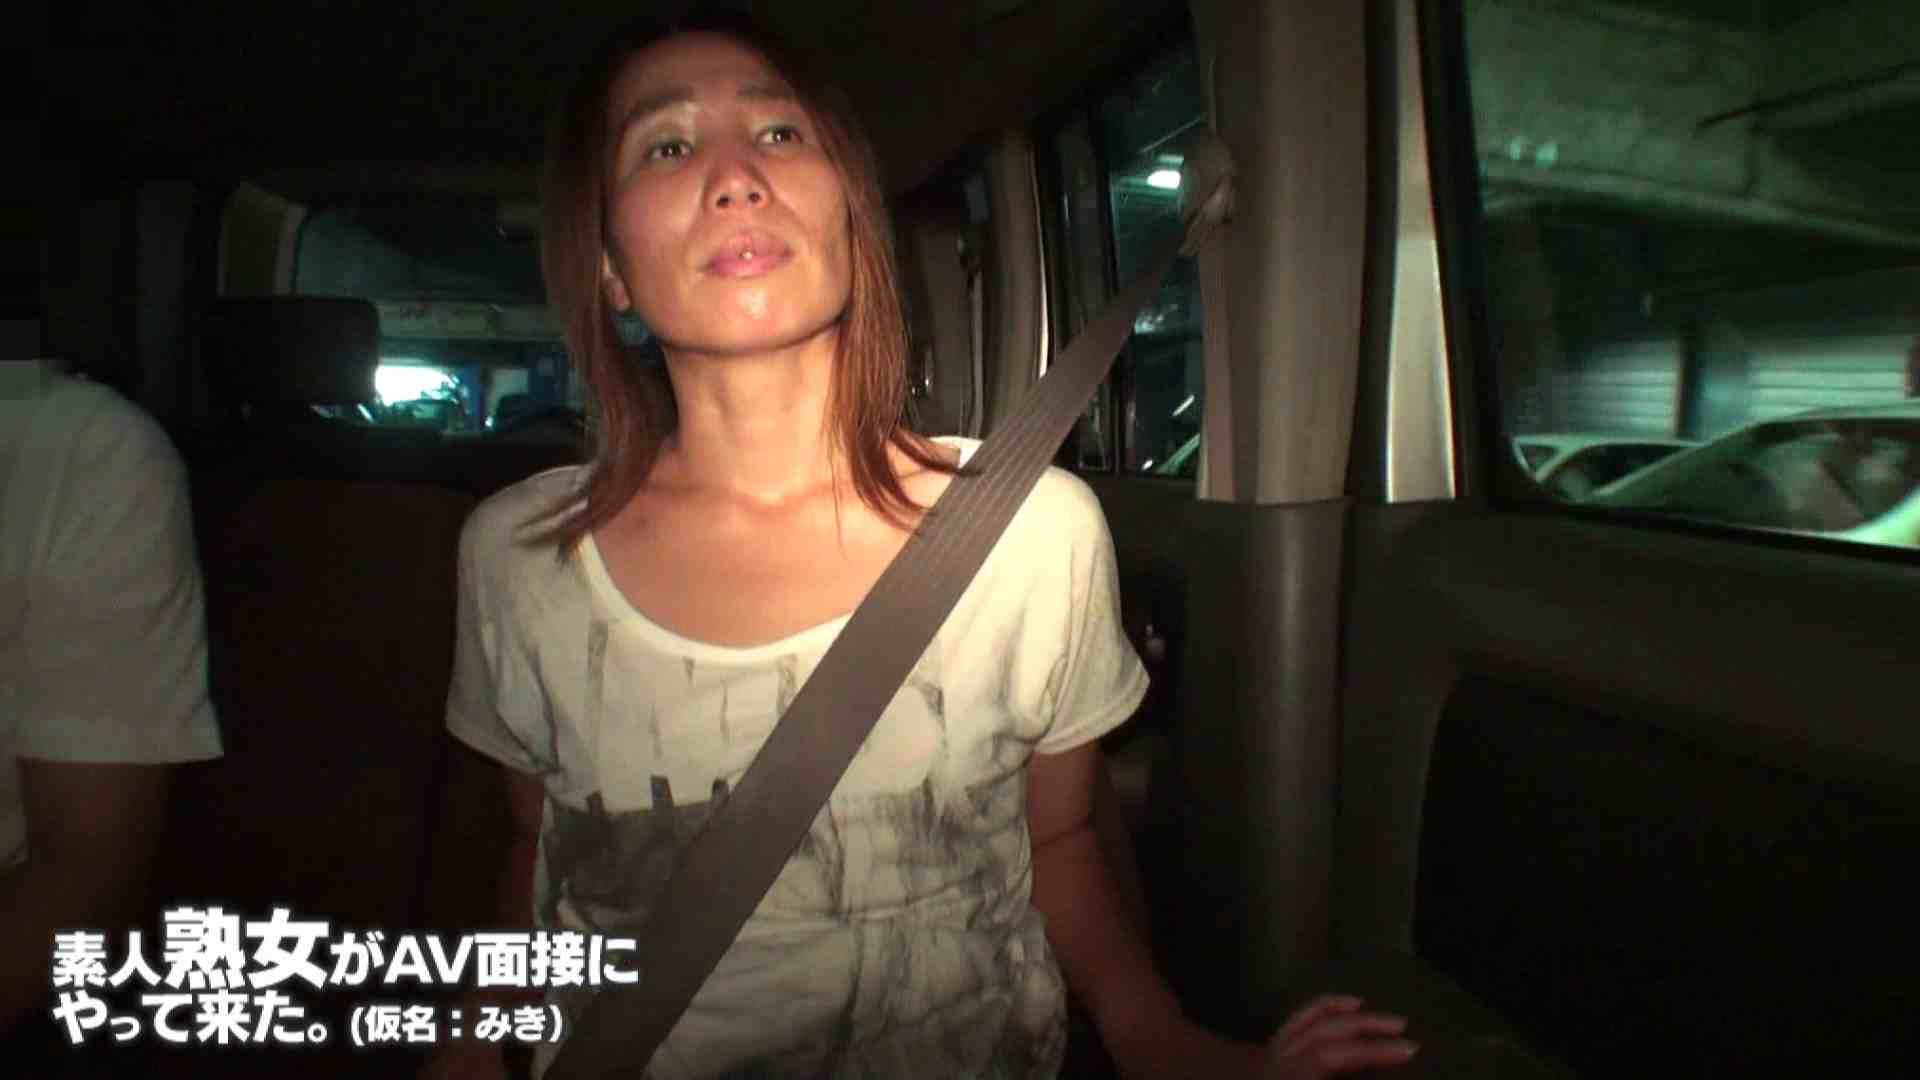 素人熟女がAV面接にやってきた (熟女)みきさんVOL.02 車 | 熟女の裸体  84画像 34